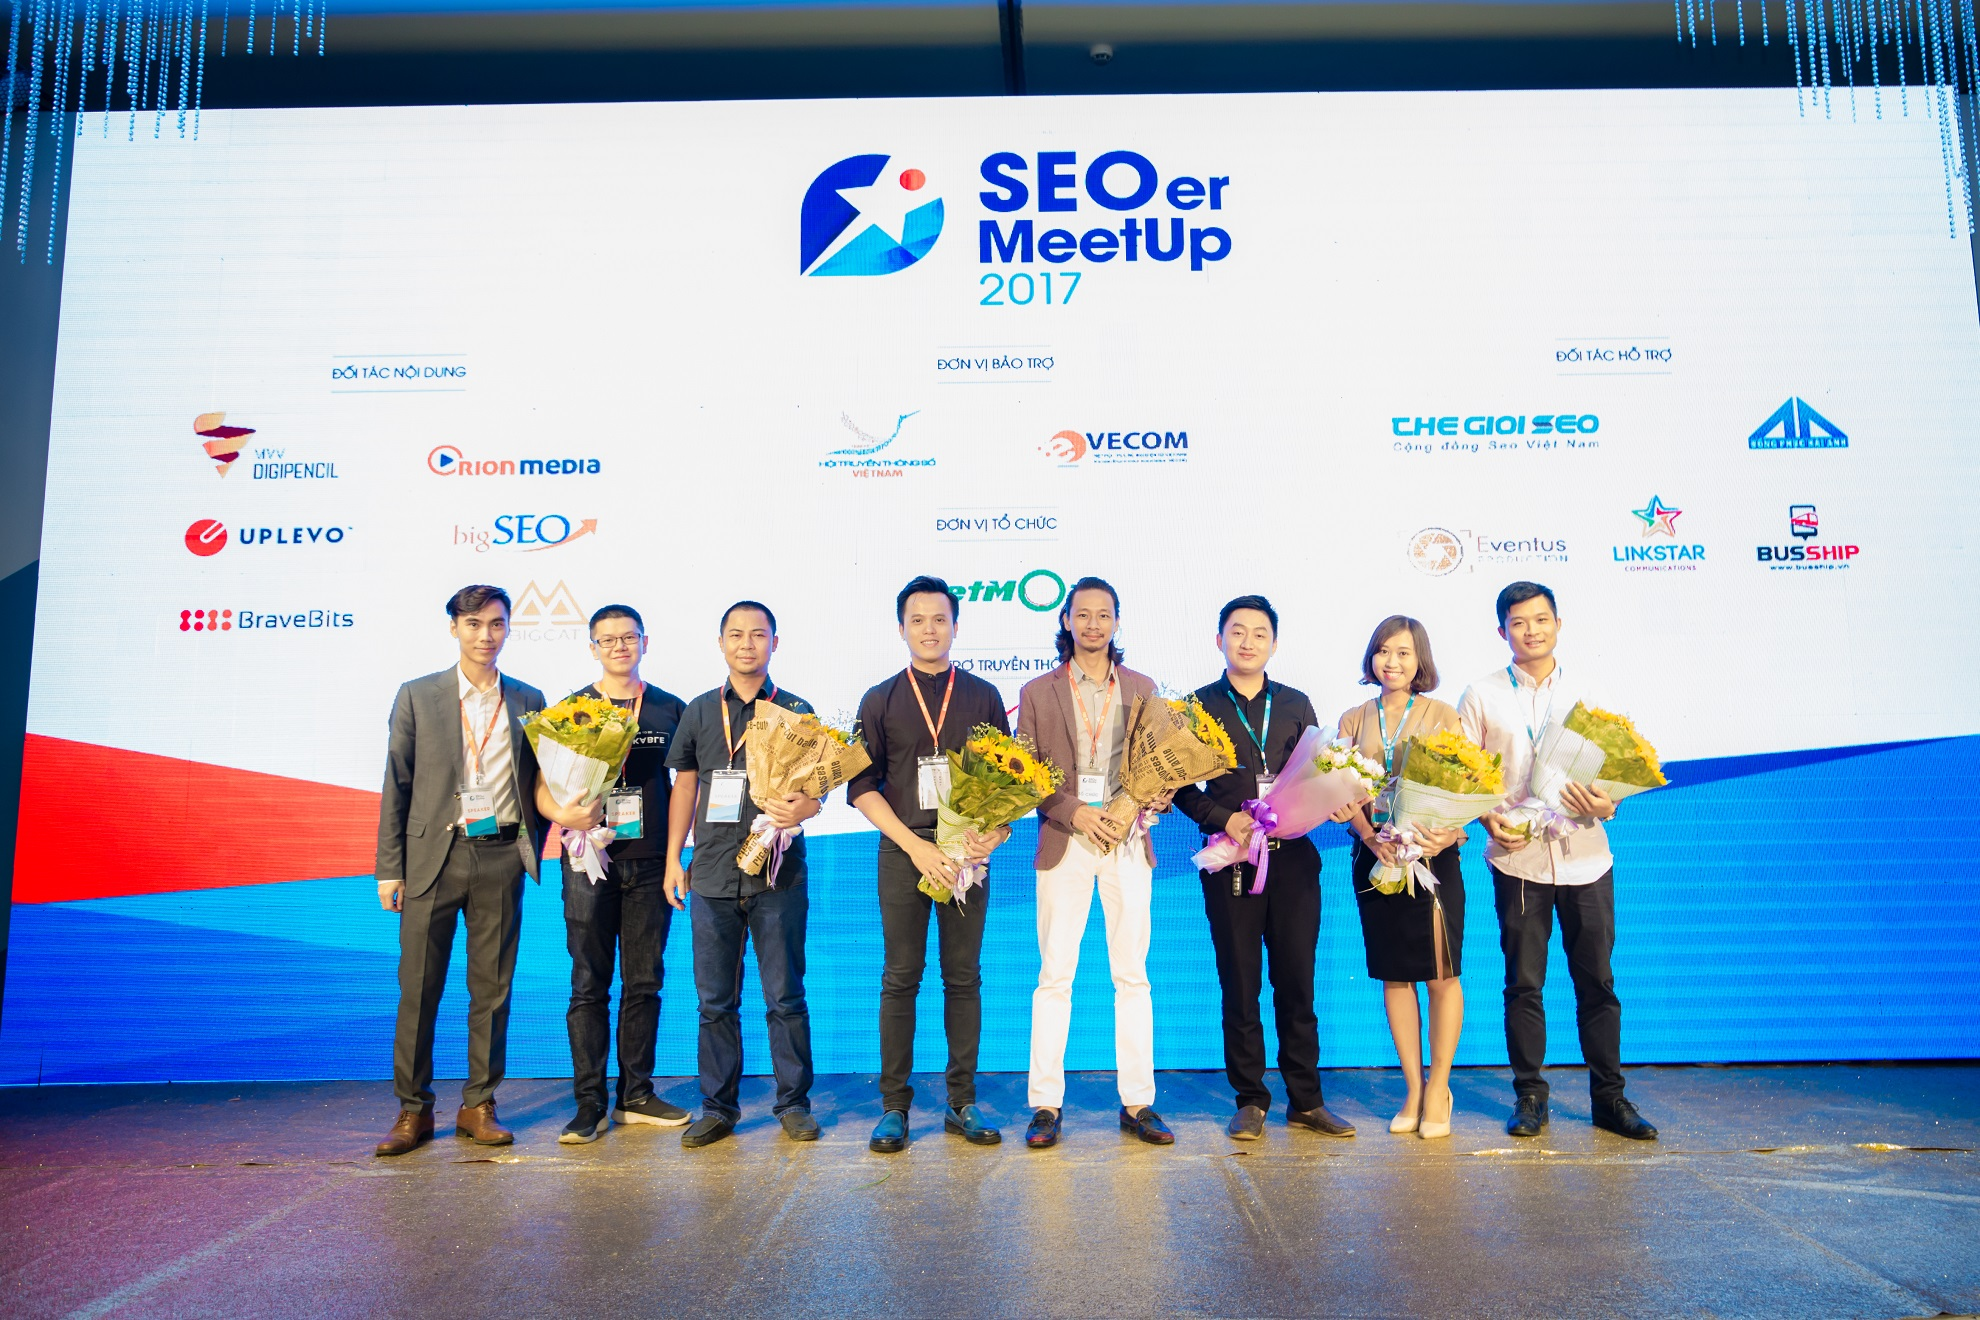 Hình ảnh diễn giả SEOer MeetUp 2017 tại sự kiện